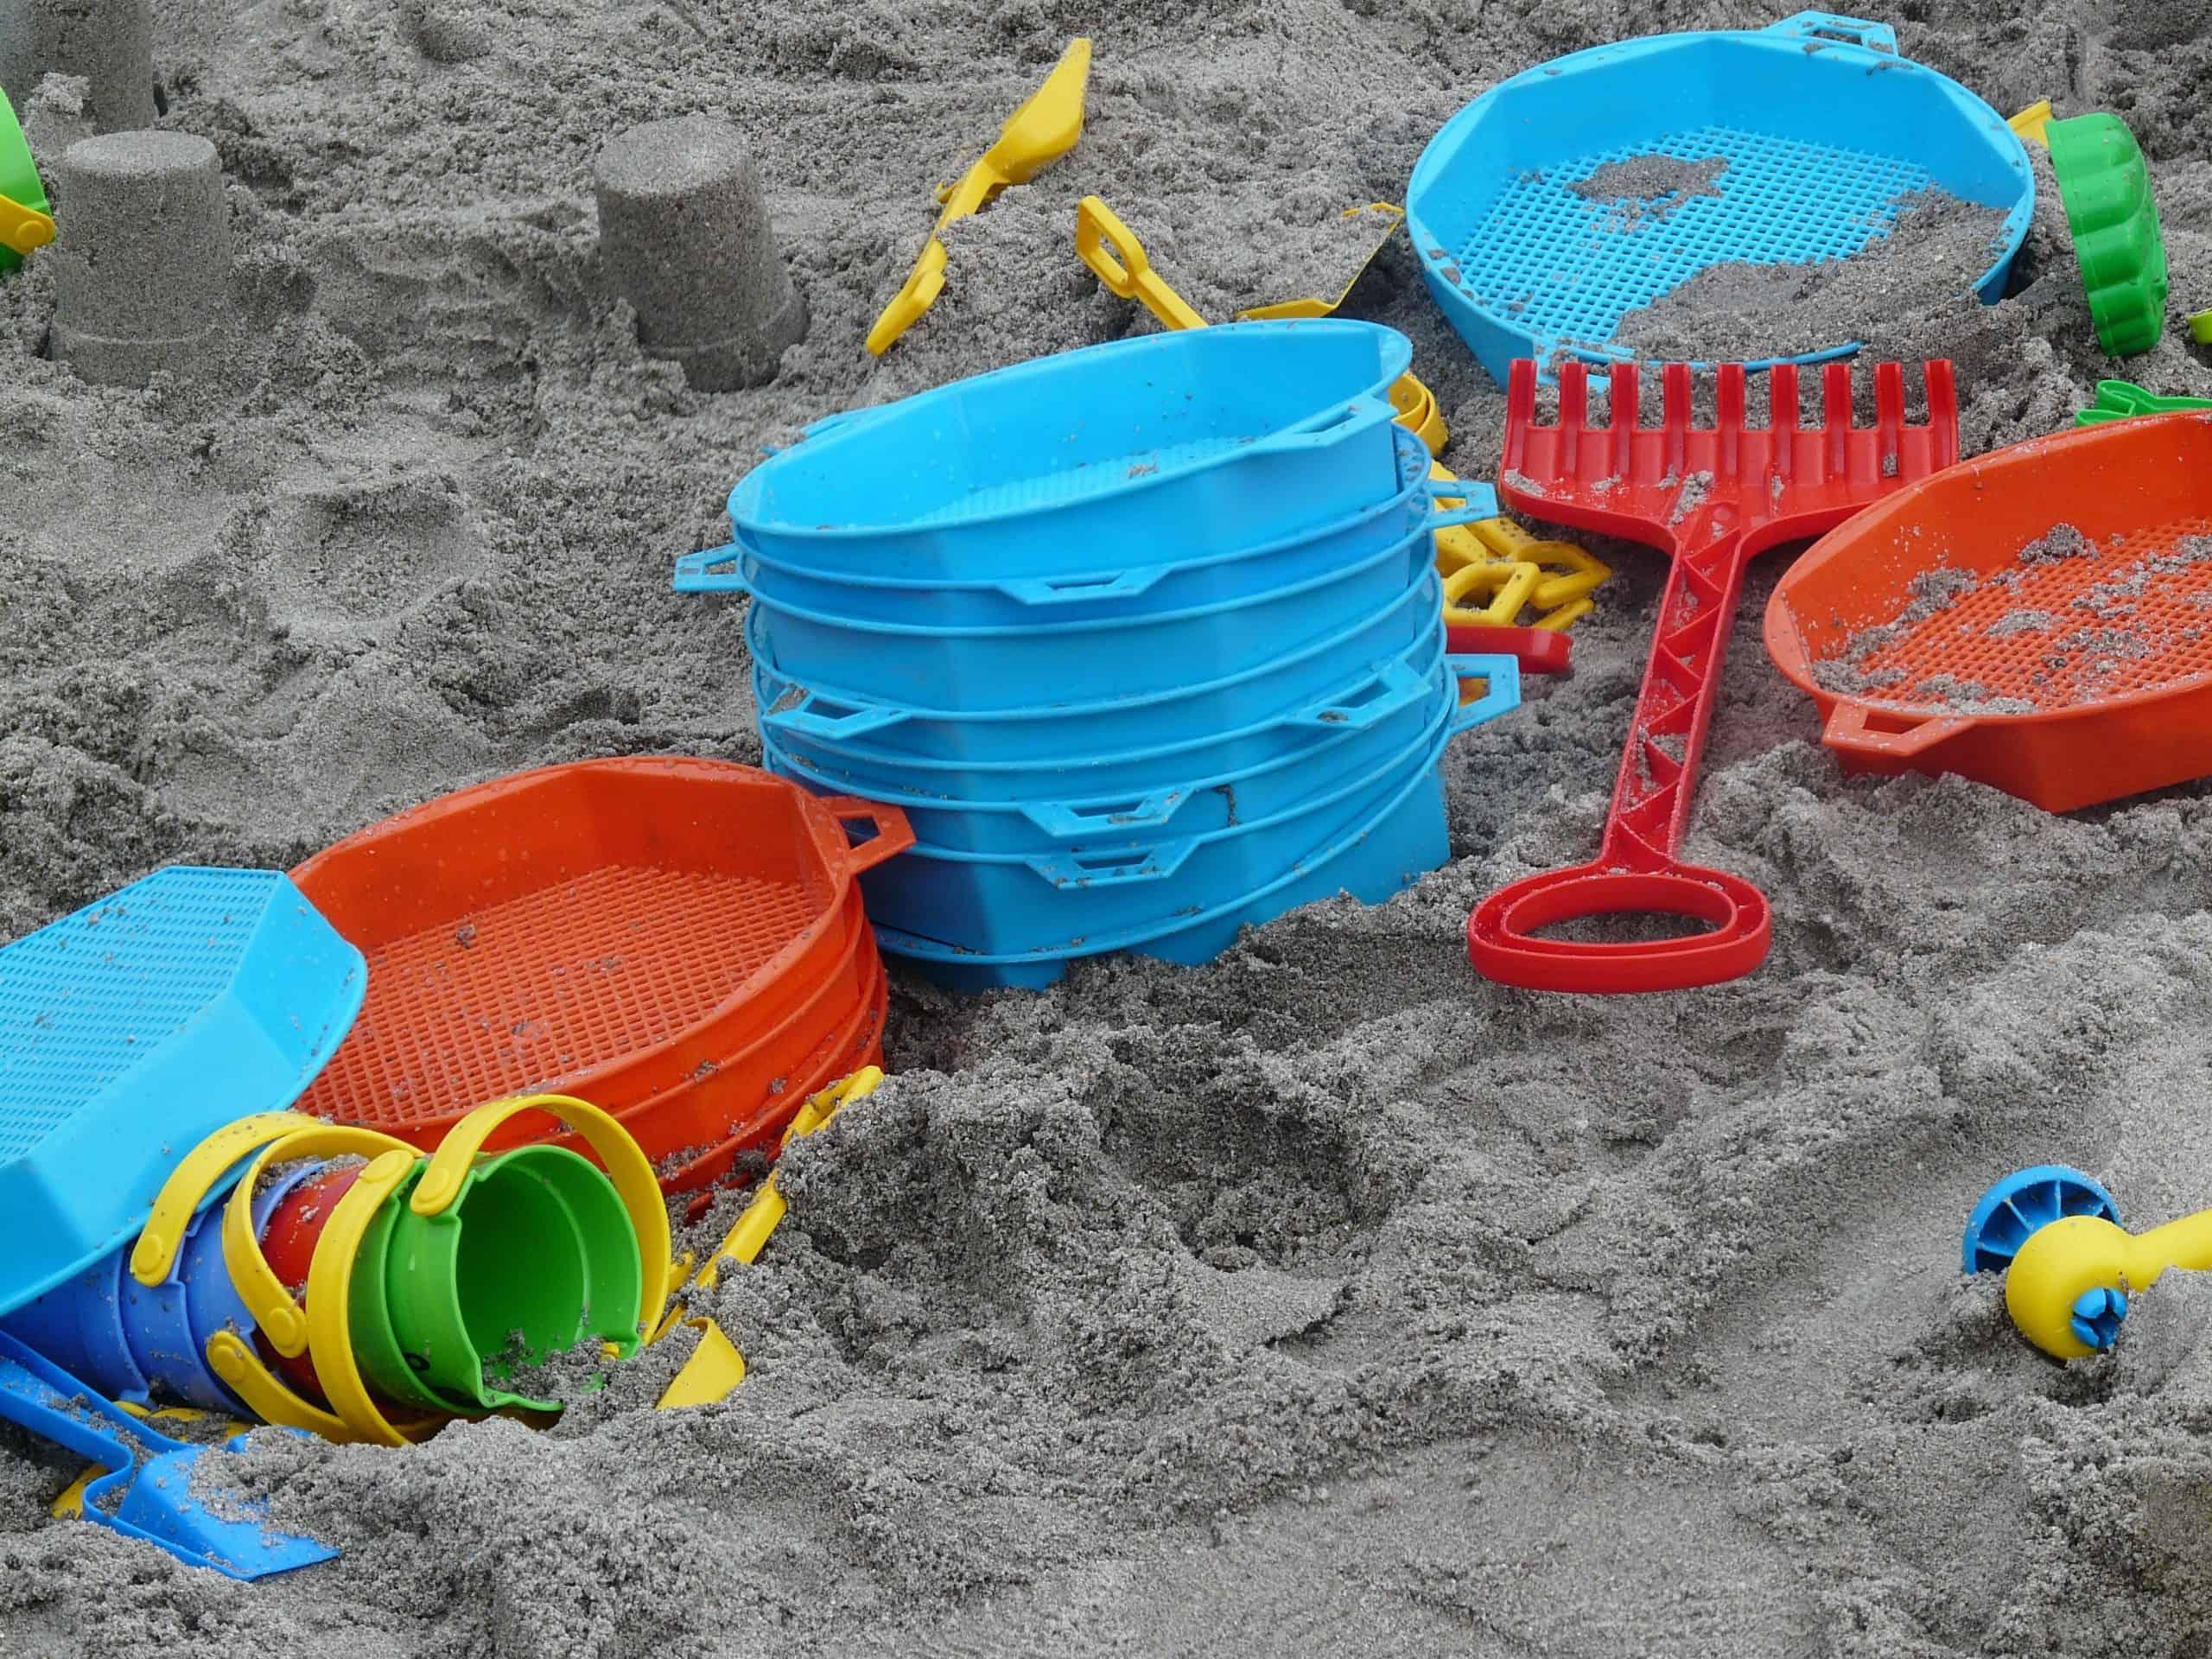 Organizing Toddler Toys: Outdoor/ Gardening Toys